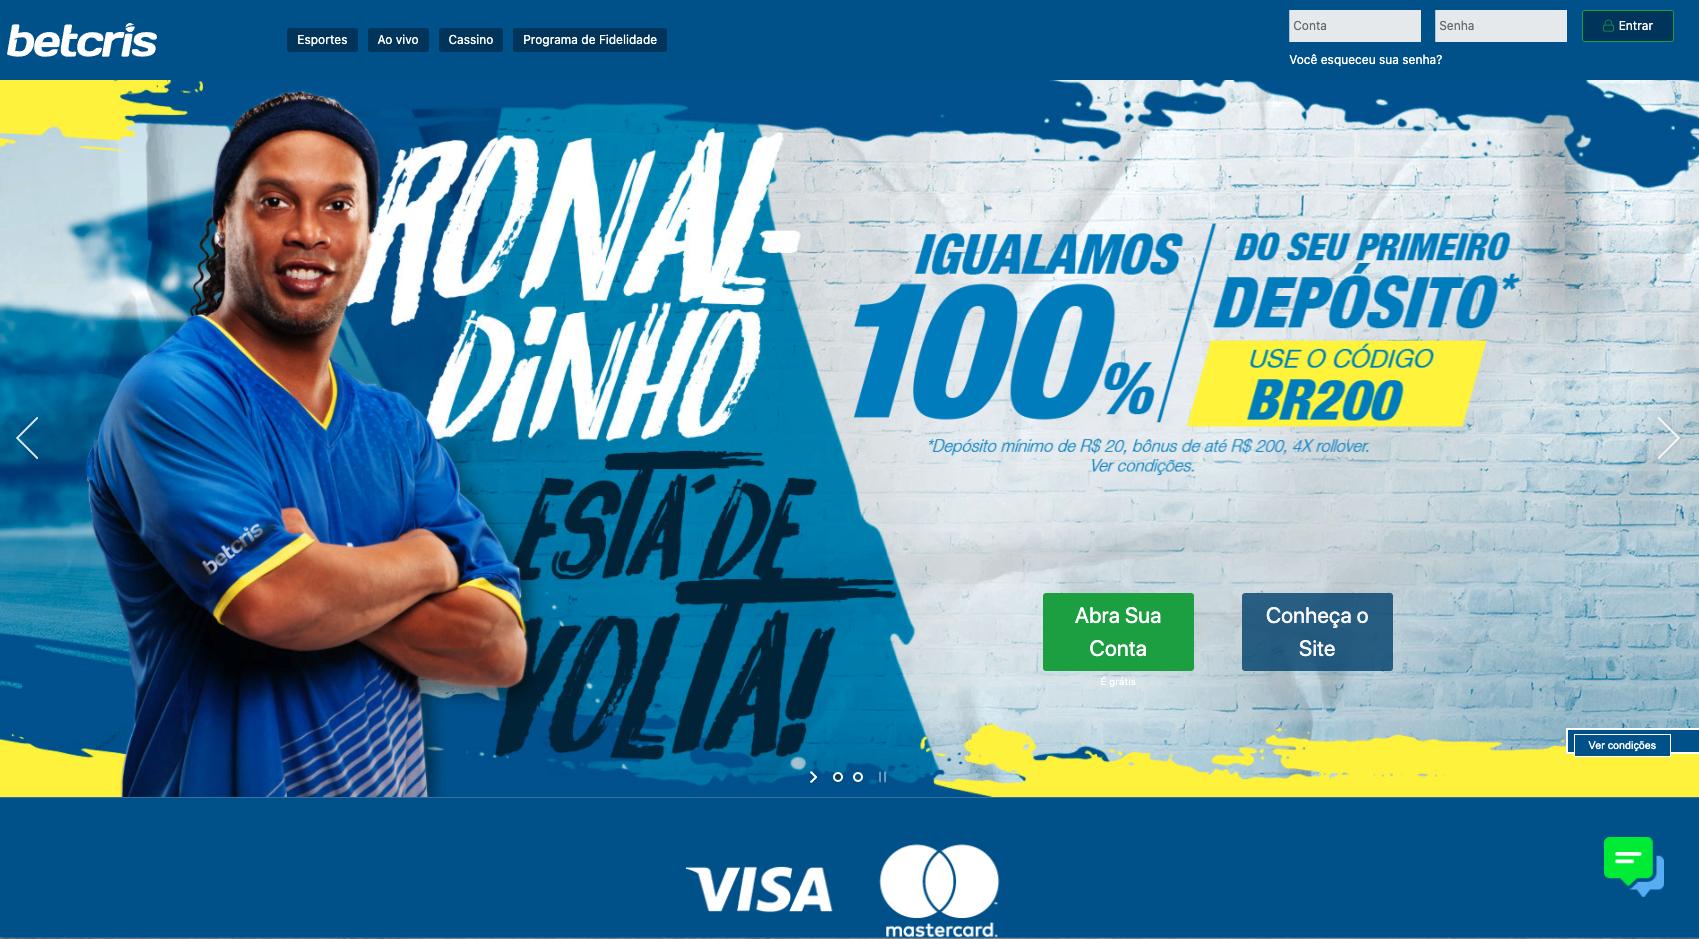 Betcris Brazilian Betting Page